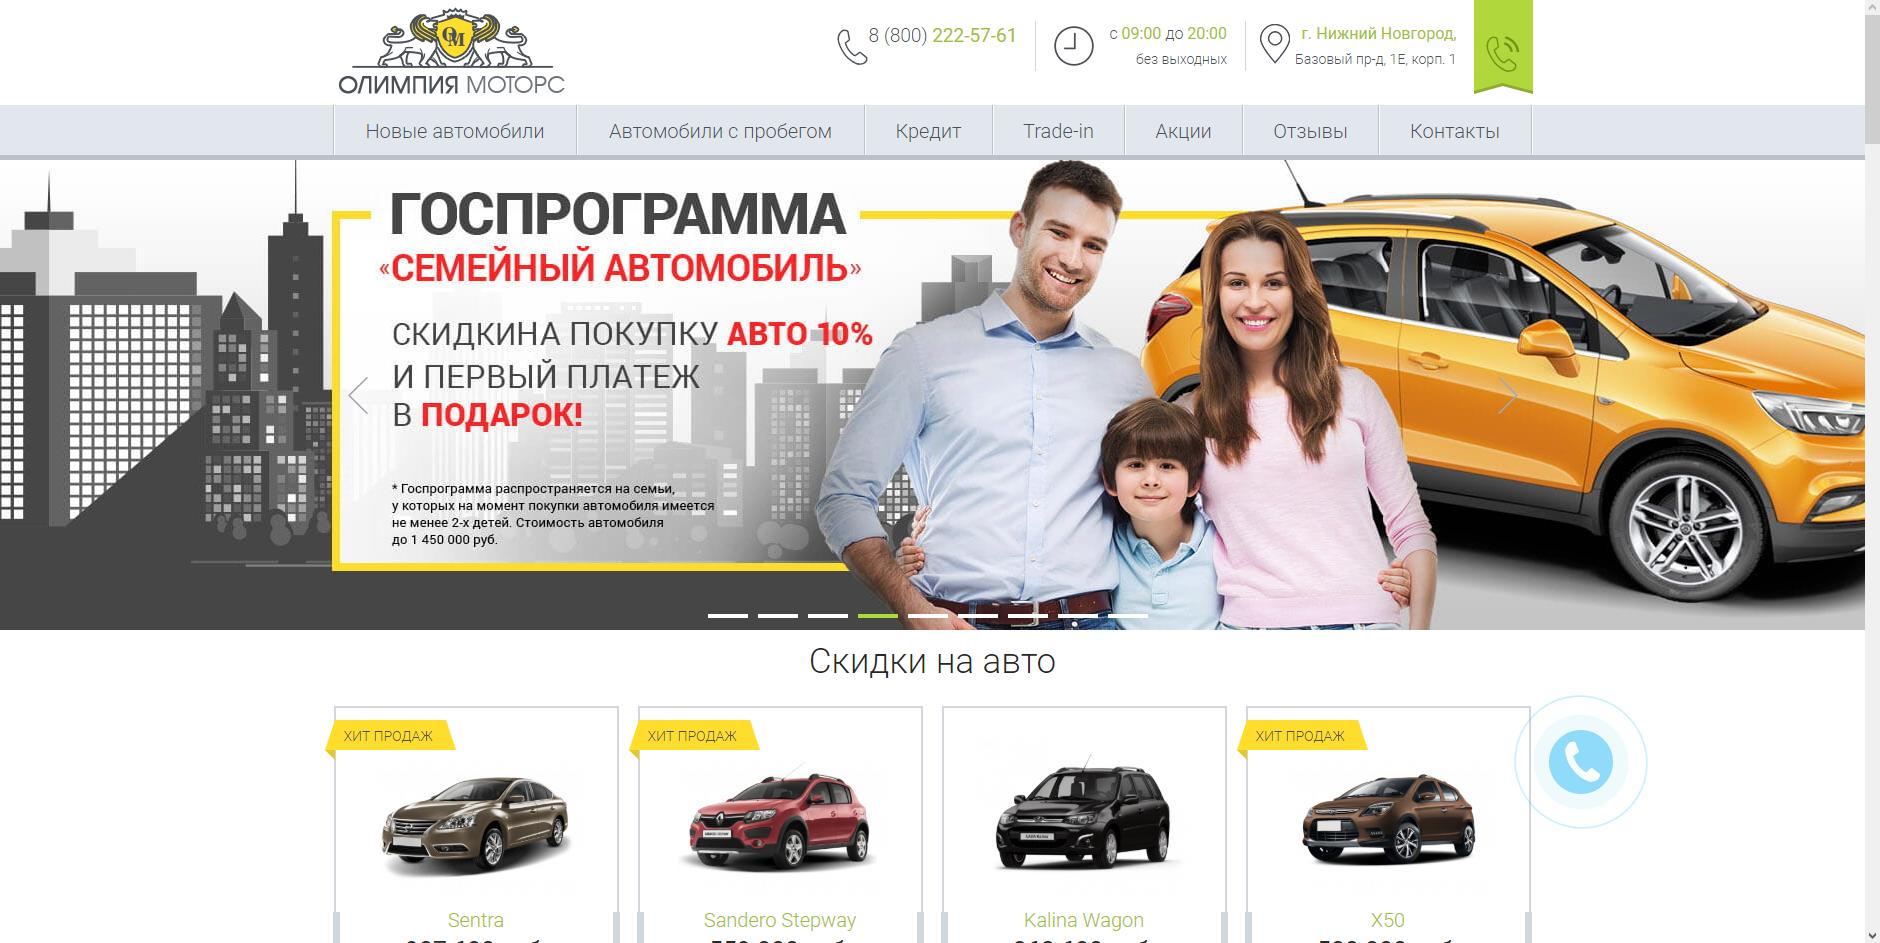 Автосалон олимпия москва продажа авто в москве автосалоны официальные дилеры